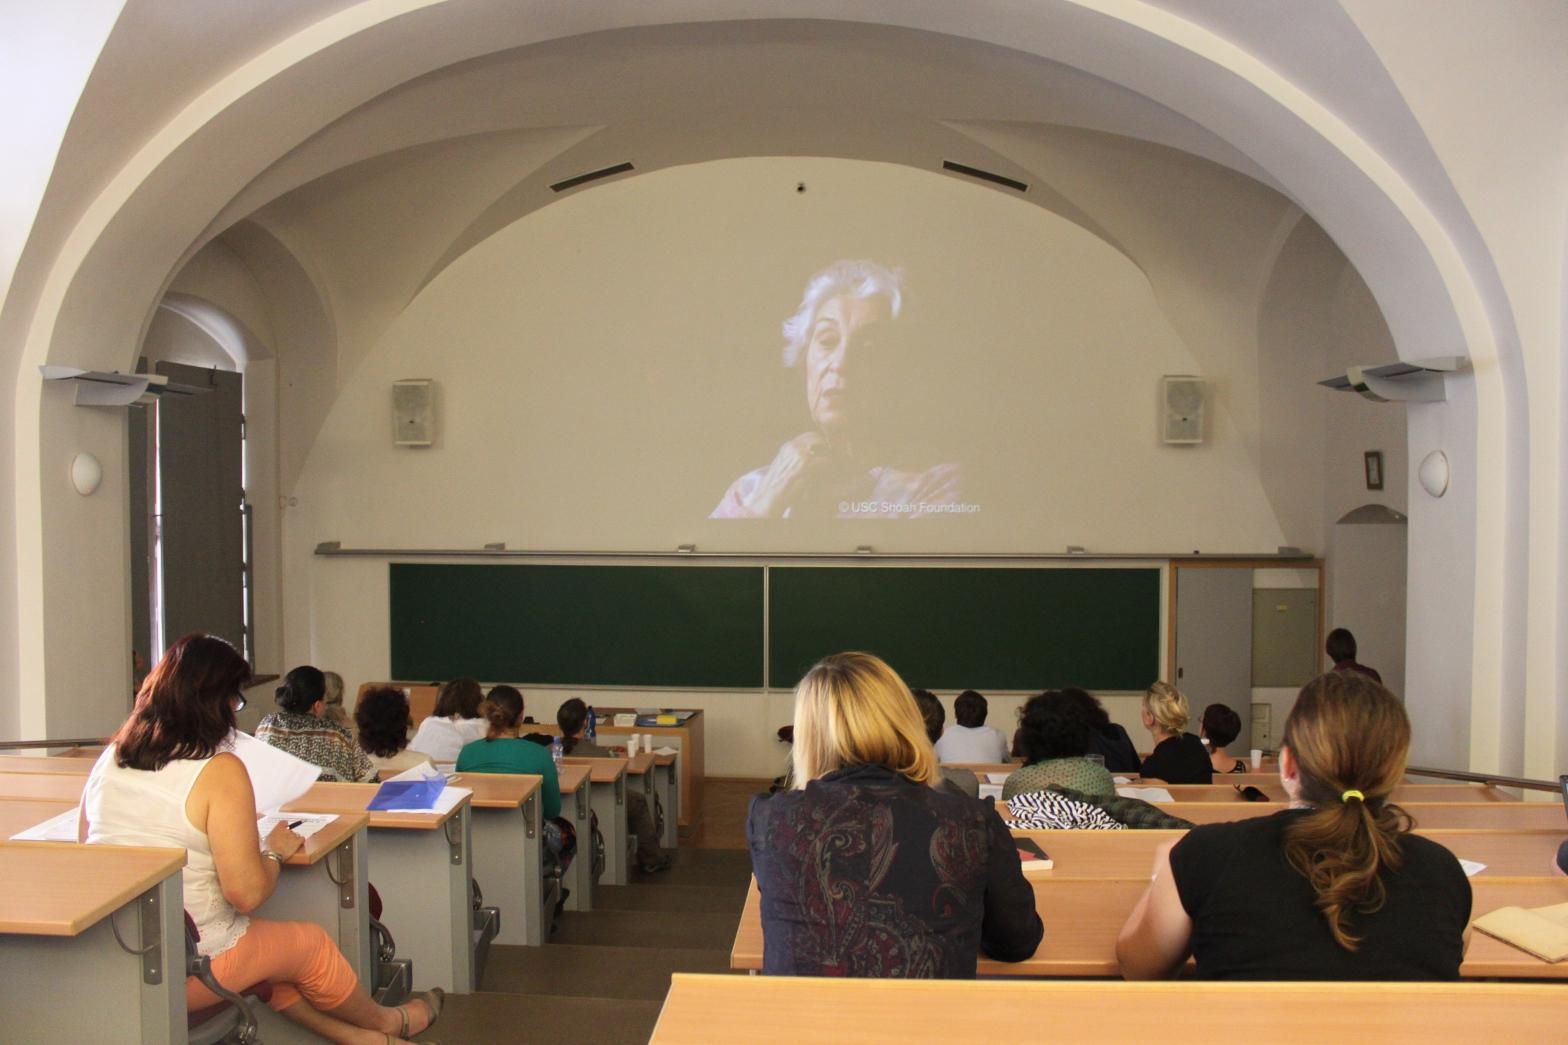 Pátý den semináře se s novou skupinou pedagožek a pedagogů o své zkušenosti podělili také frekventanti prvního ročníku, který proběhl v srpnu 2012